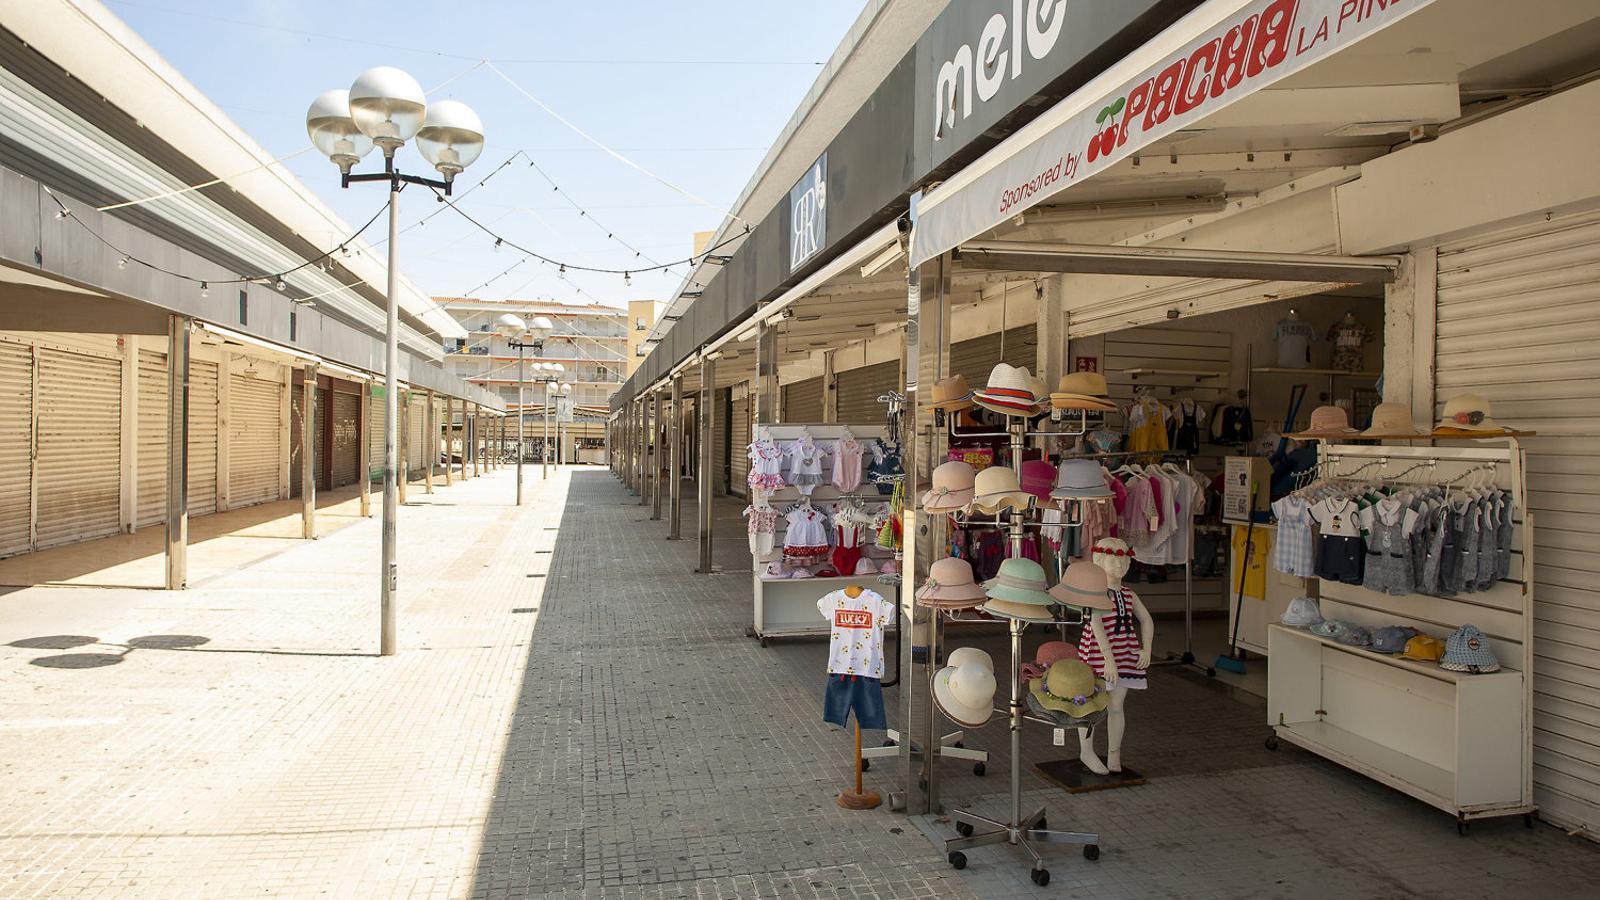 Salou pateix per la temporada d'estiu. A la imatge, negocis tancats i carrers buits després de l'estat d'alarma.